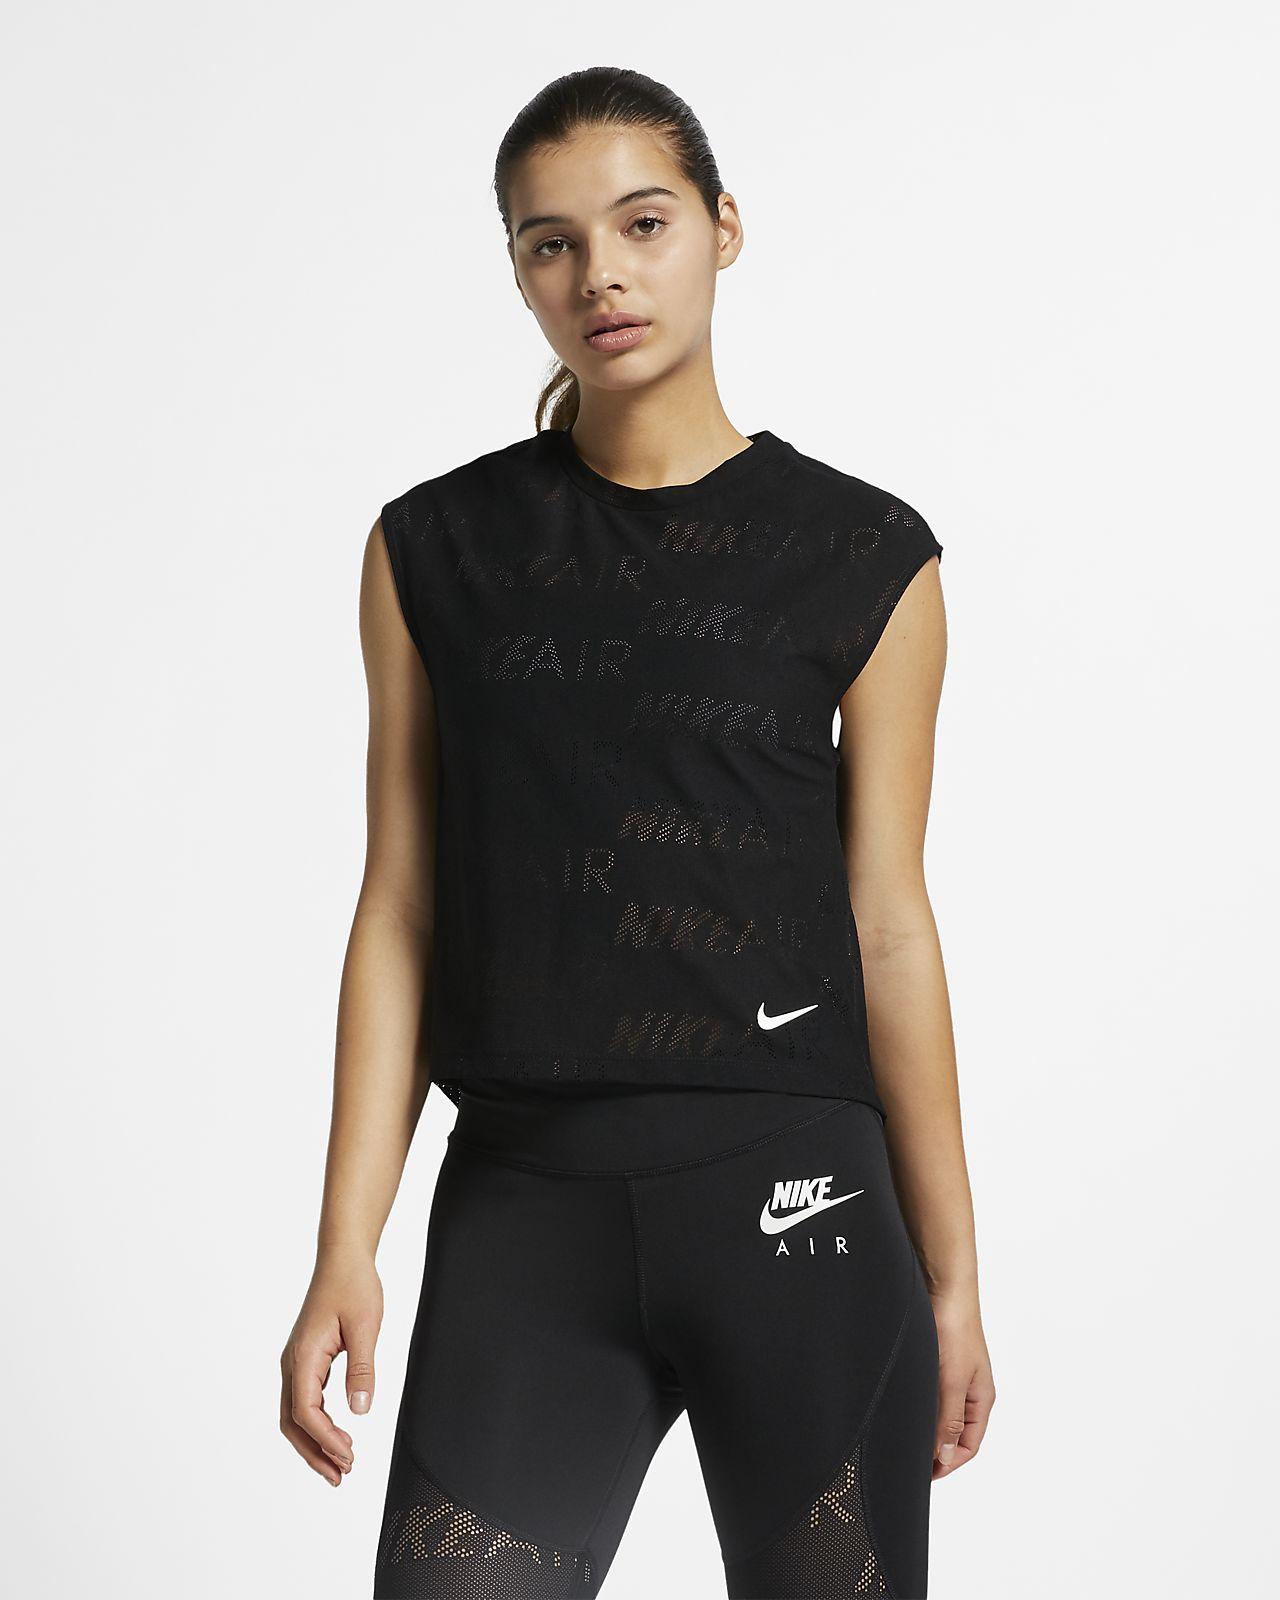 Nike Air 女款短袖跑步上衣